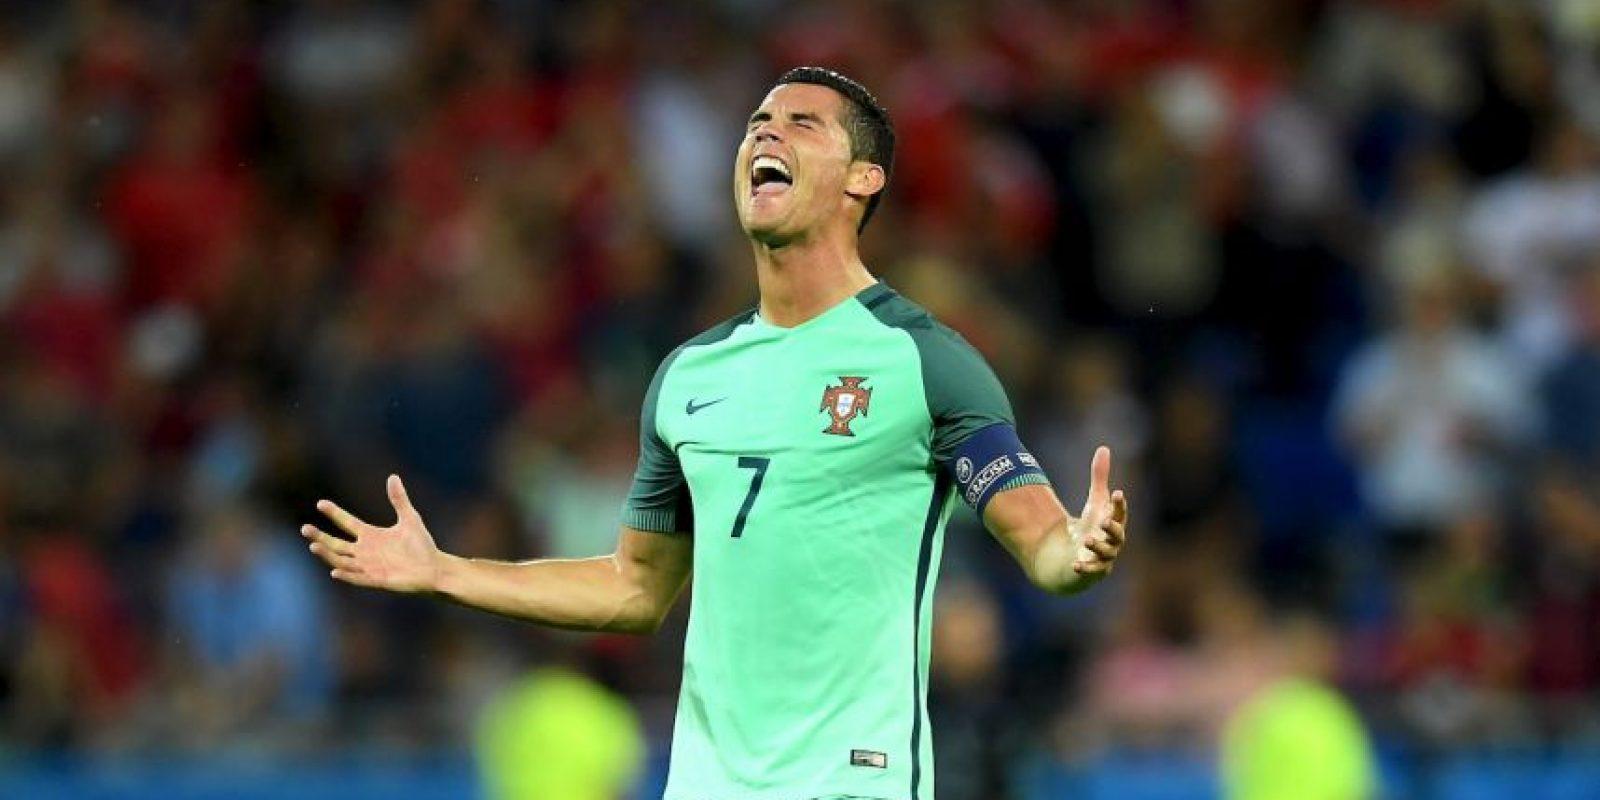 El portugués apareció en las semifinales y se lució con un gol y una asistencia Foto:Getty Images